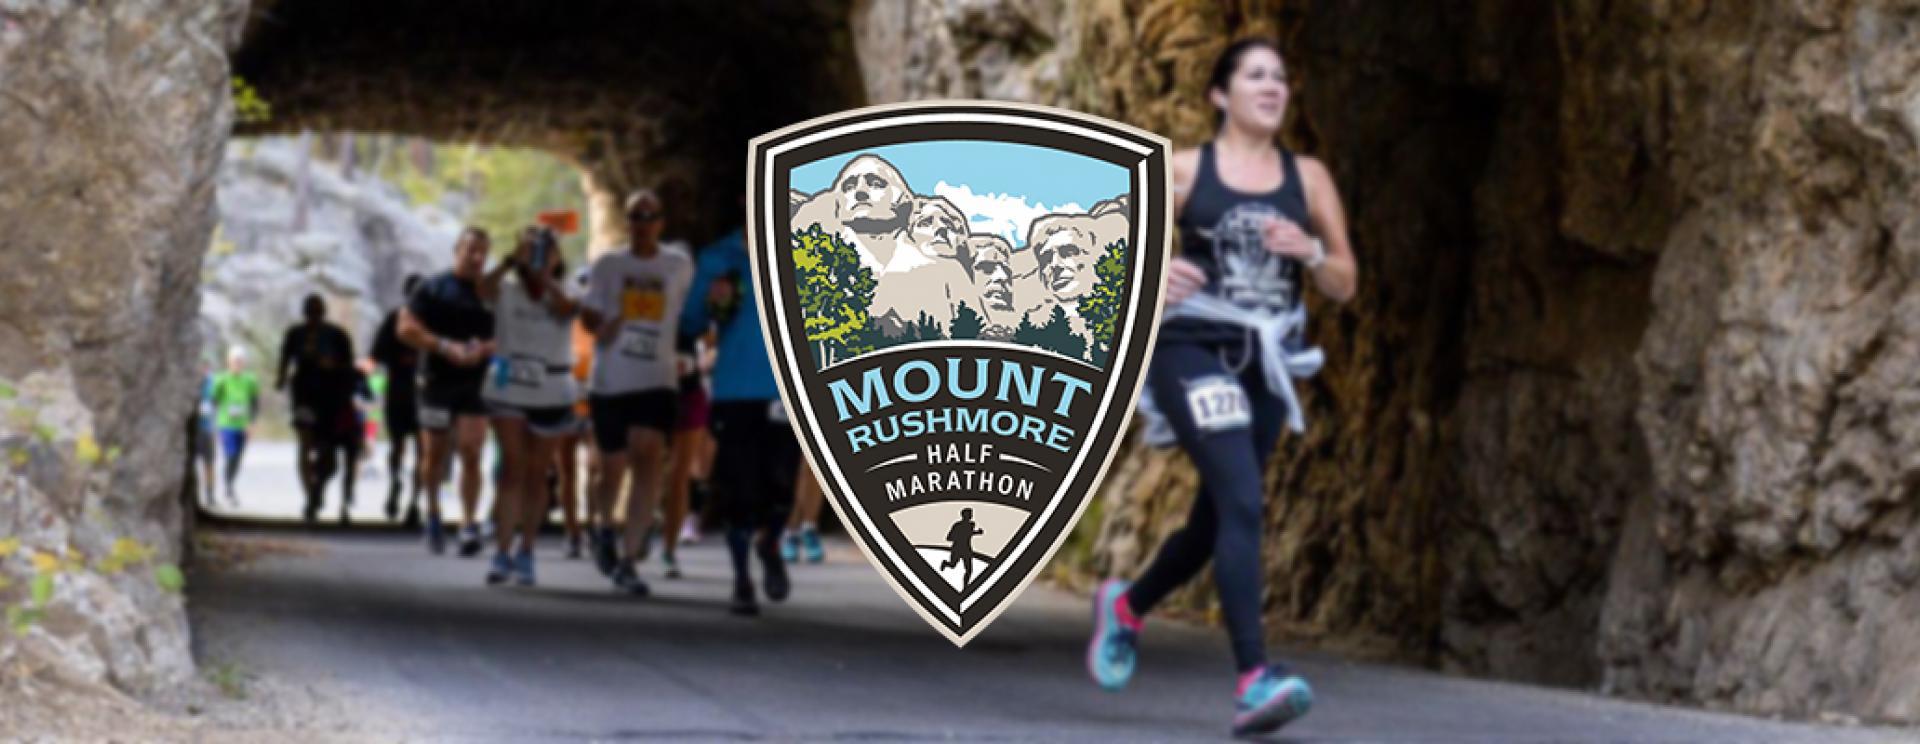 Mount Rushmore Half Marathon